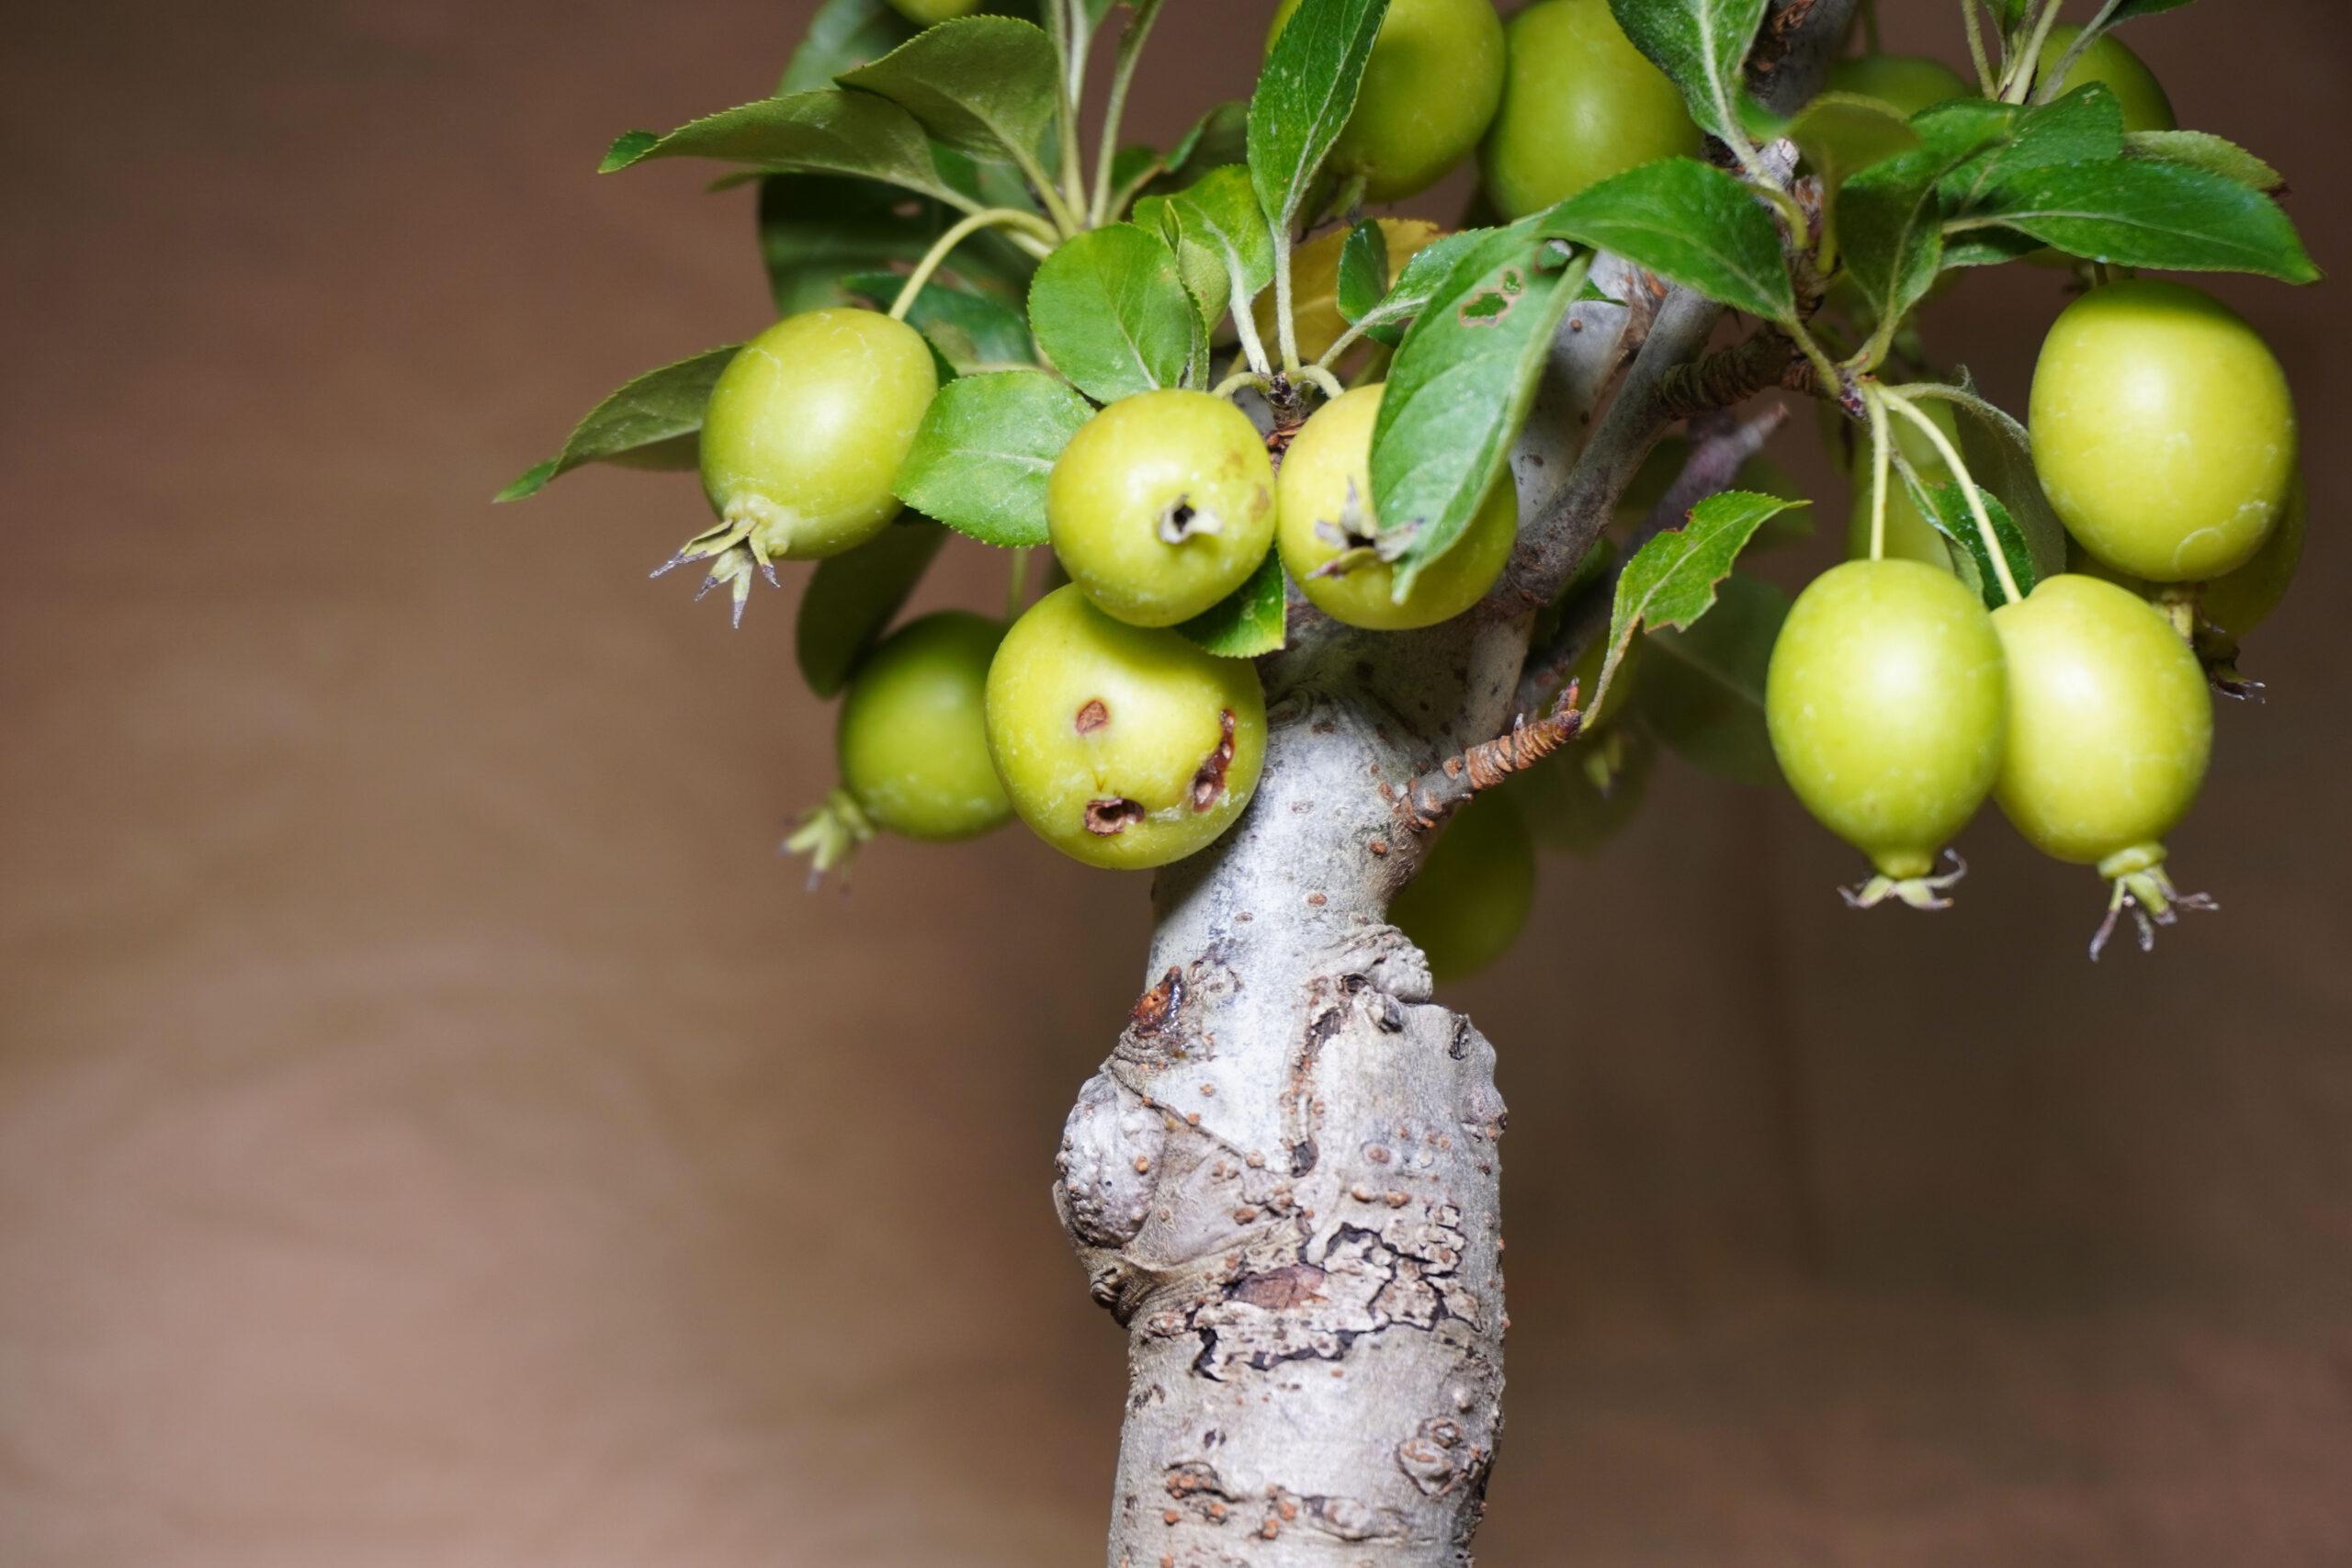 DSC01728-リンゴ虫食い